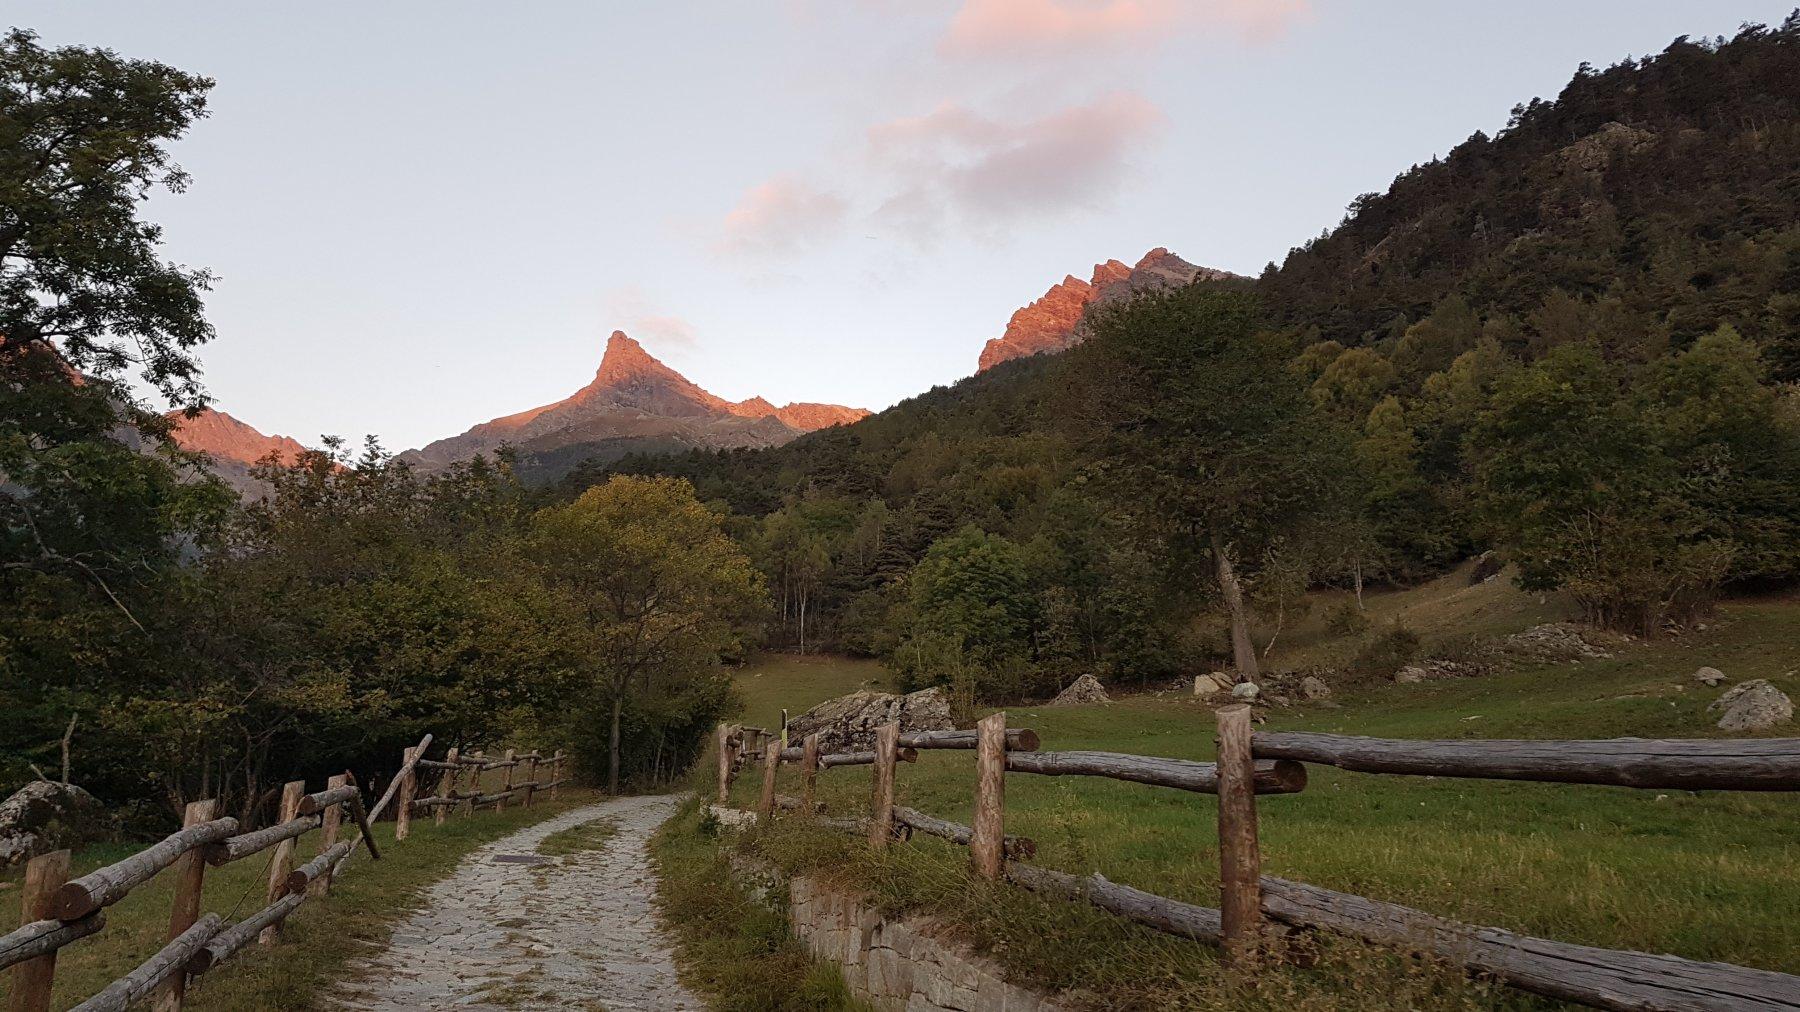 Avic (Monte) Via Normale da Villa per la Cresta Ovest 2018-09-29